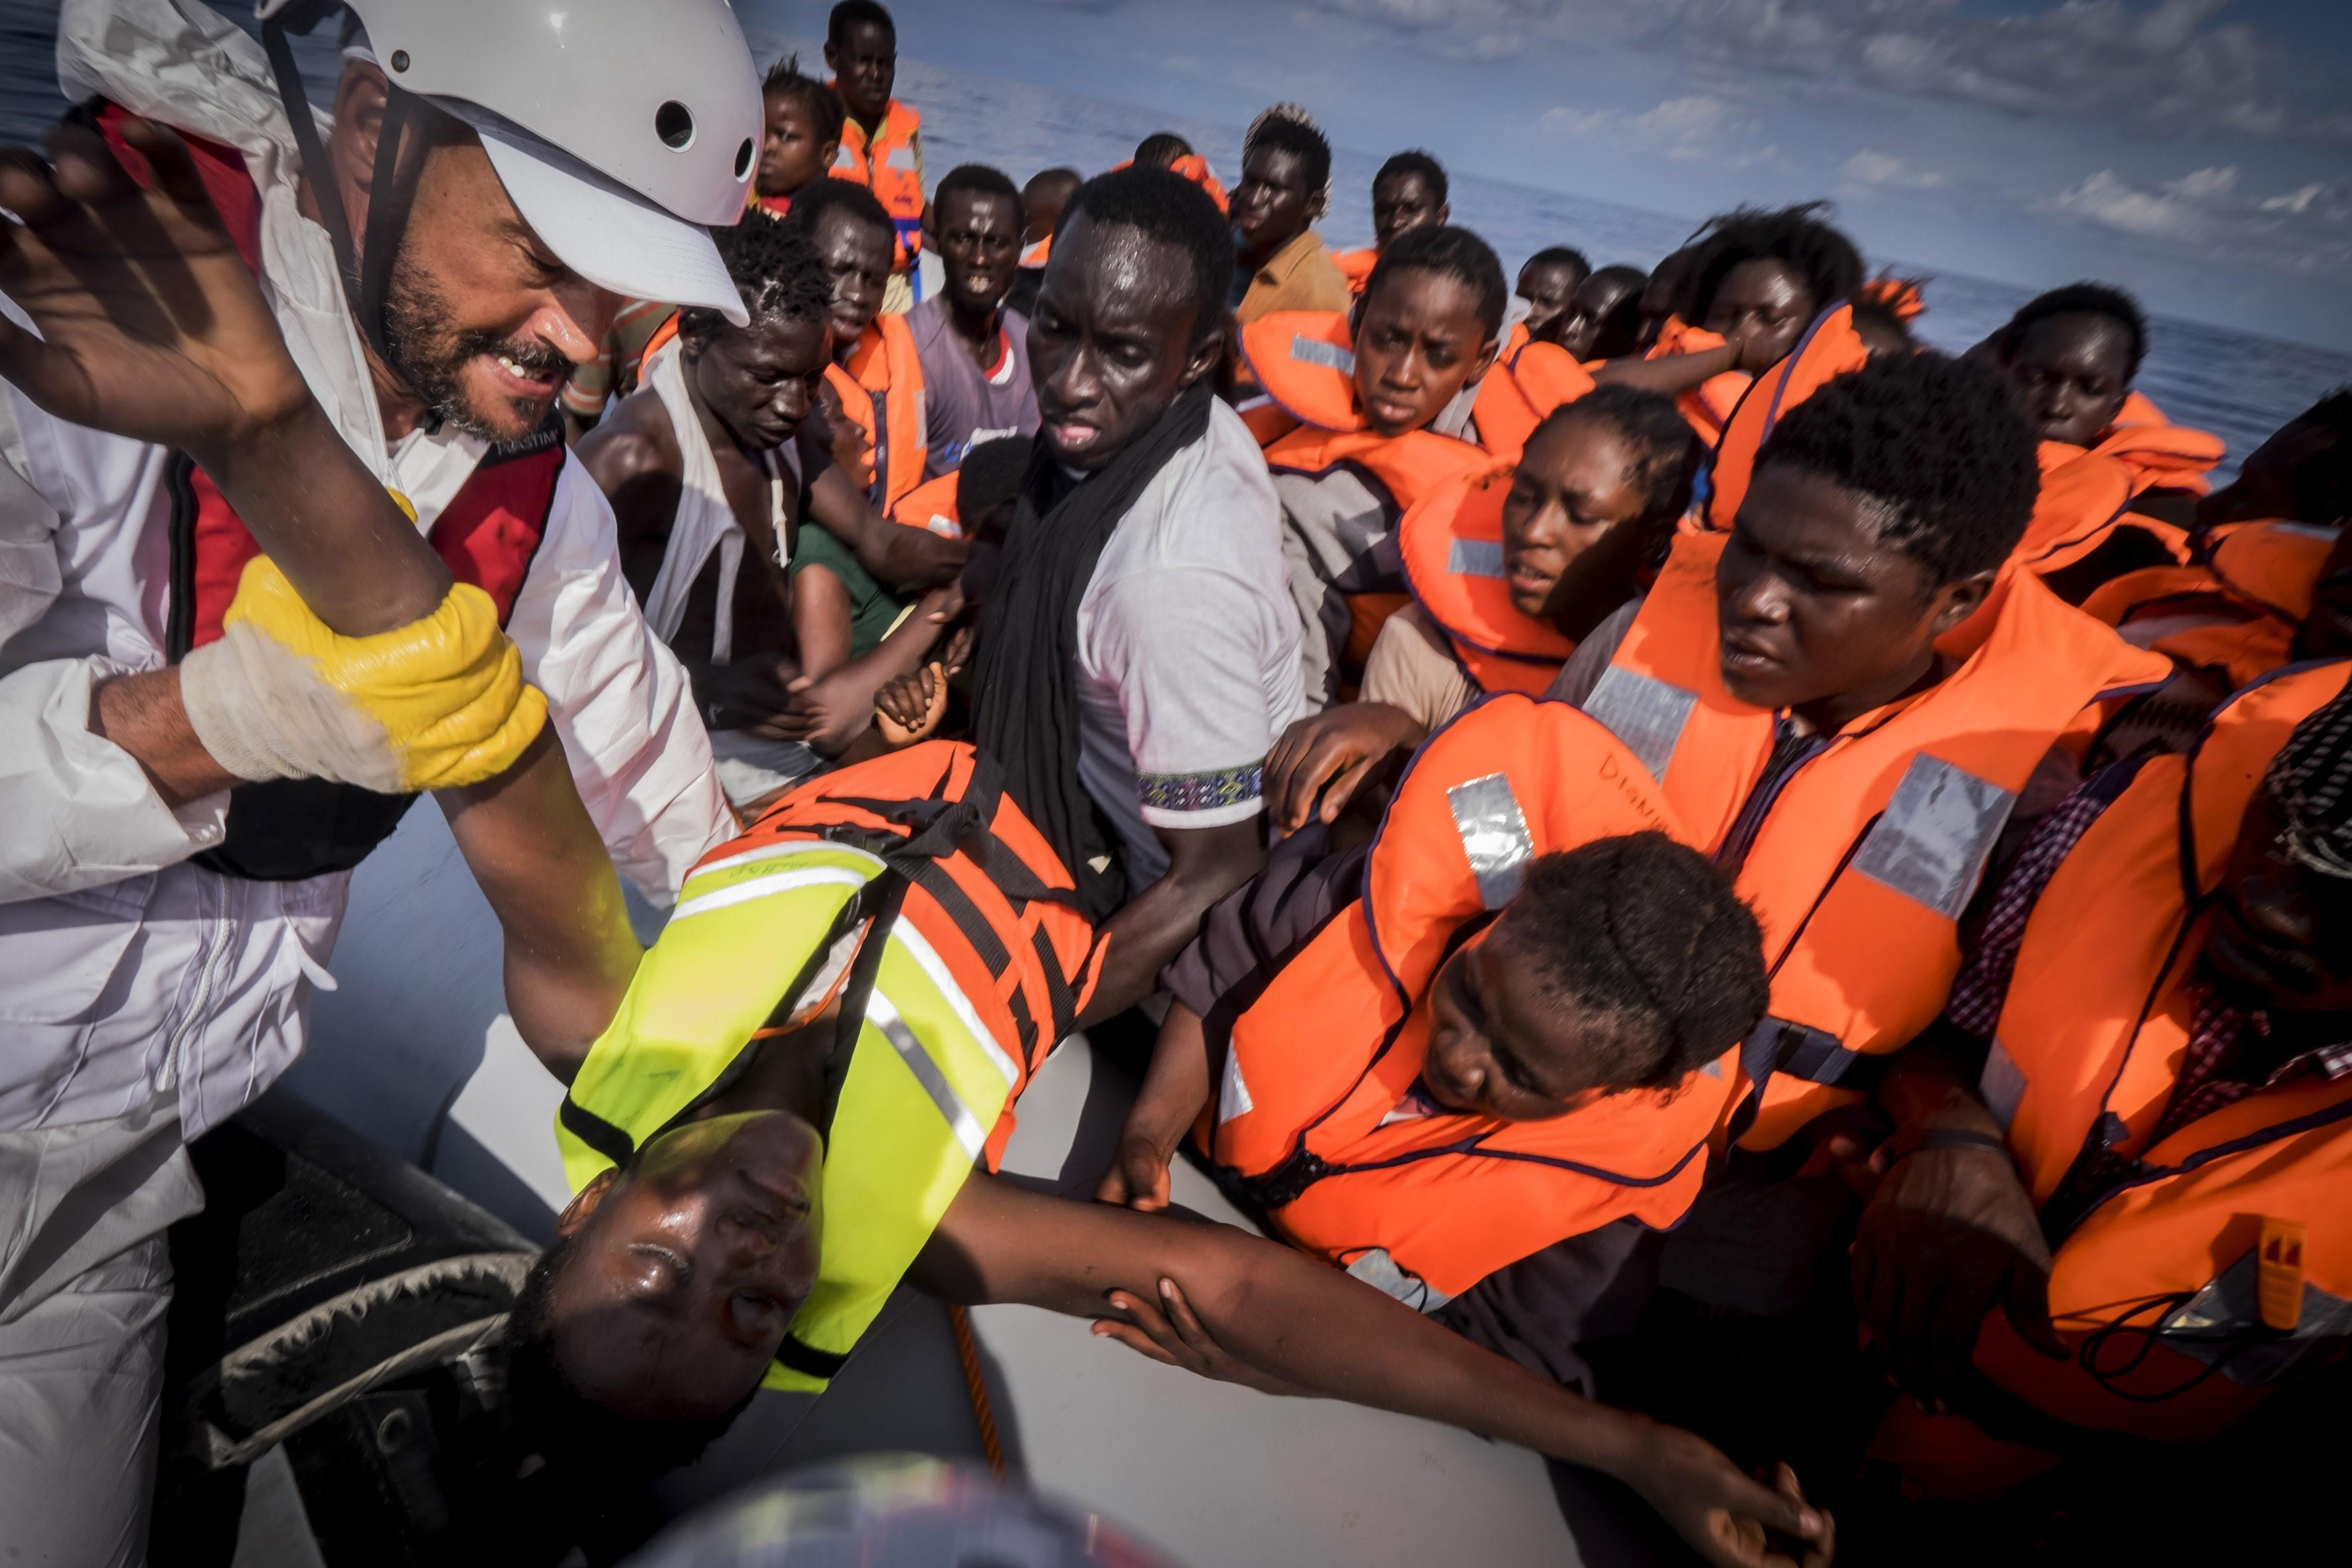 Un equipo de salvamento rescata a un grupo de inmigrantes que intentaba cruzar el mar Mediterráneo desde costas libias a bordo de una embarcación. (Crédito: Ricardo Garcia Vilanova/AFP/Getty Images).